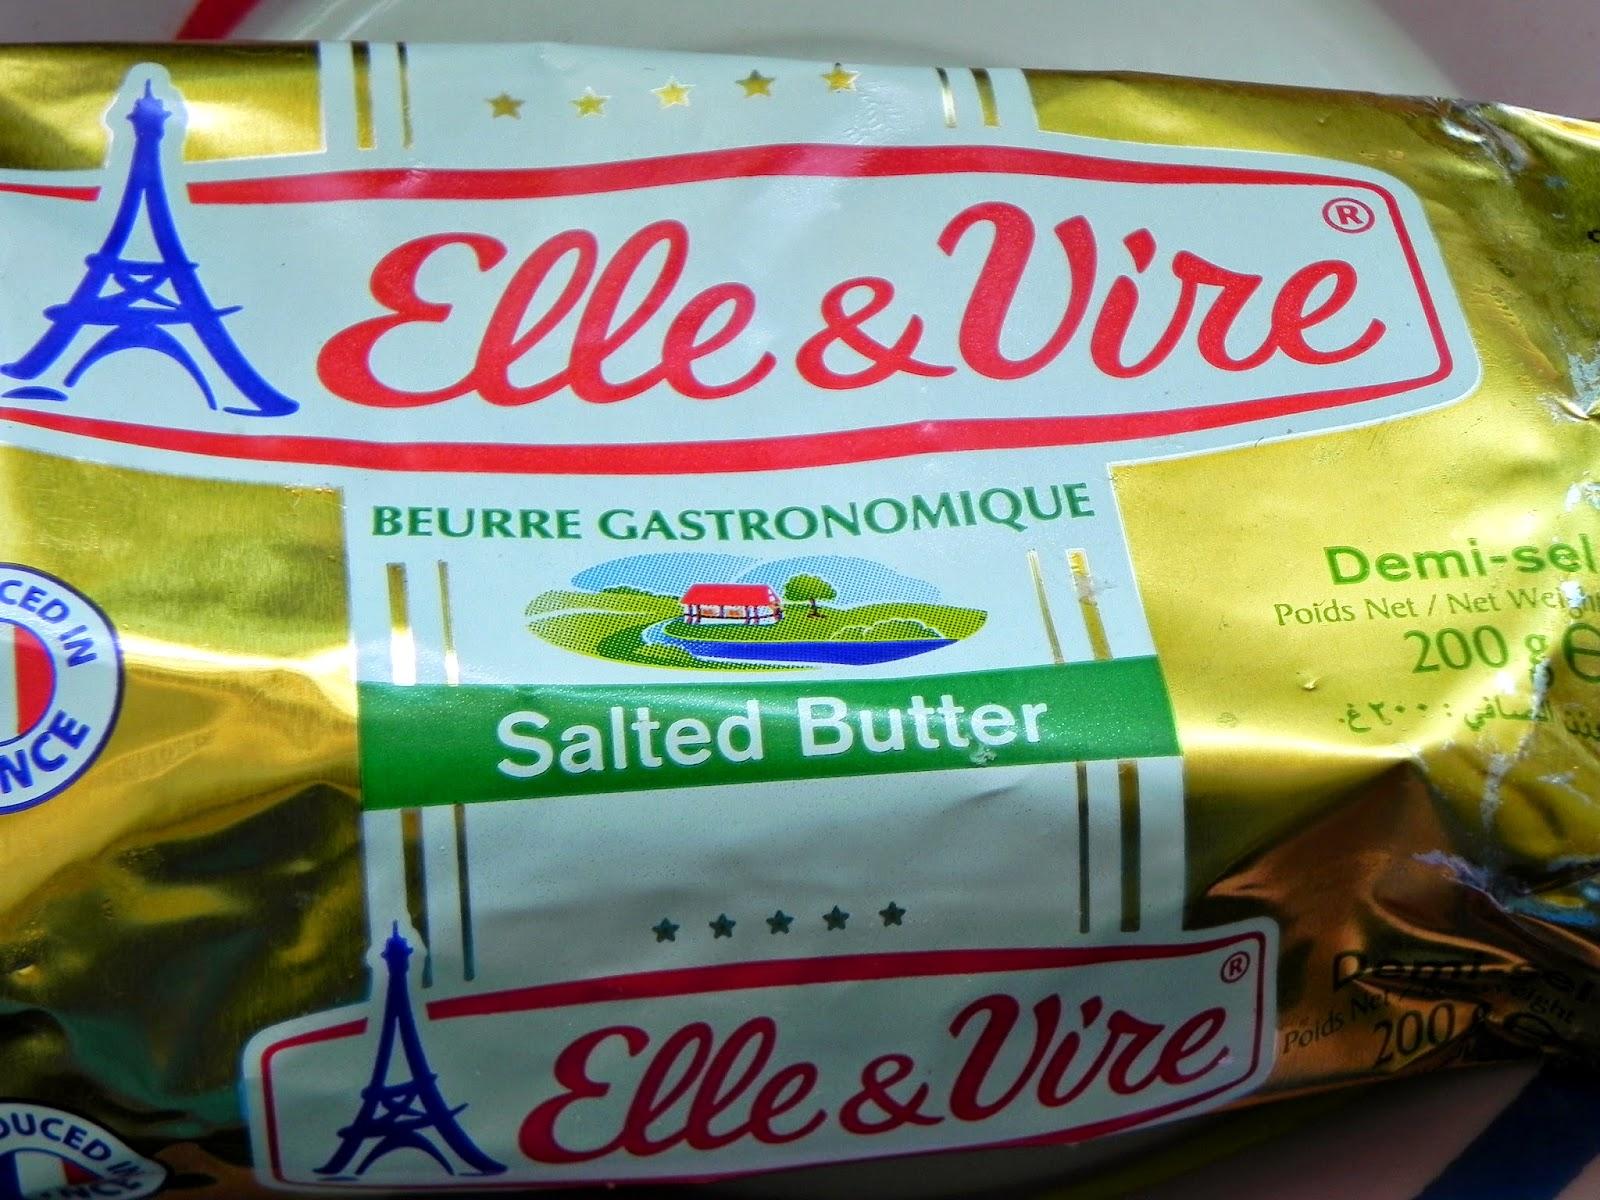 manteiga elle vire allfood importadora